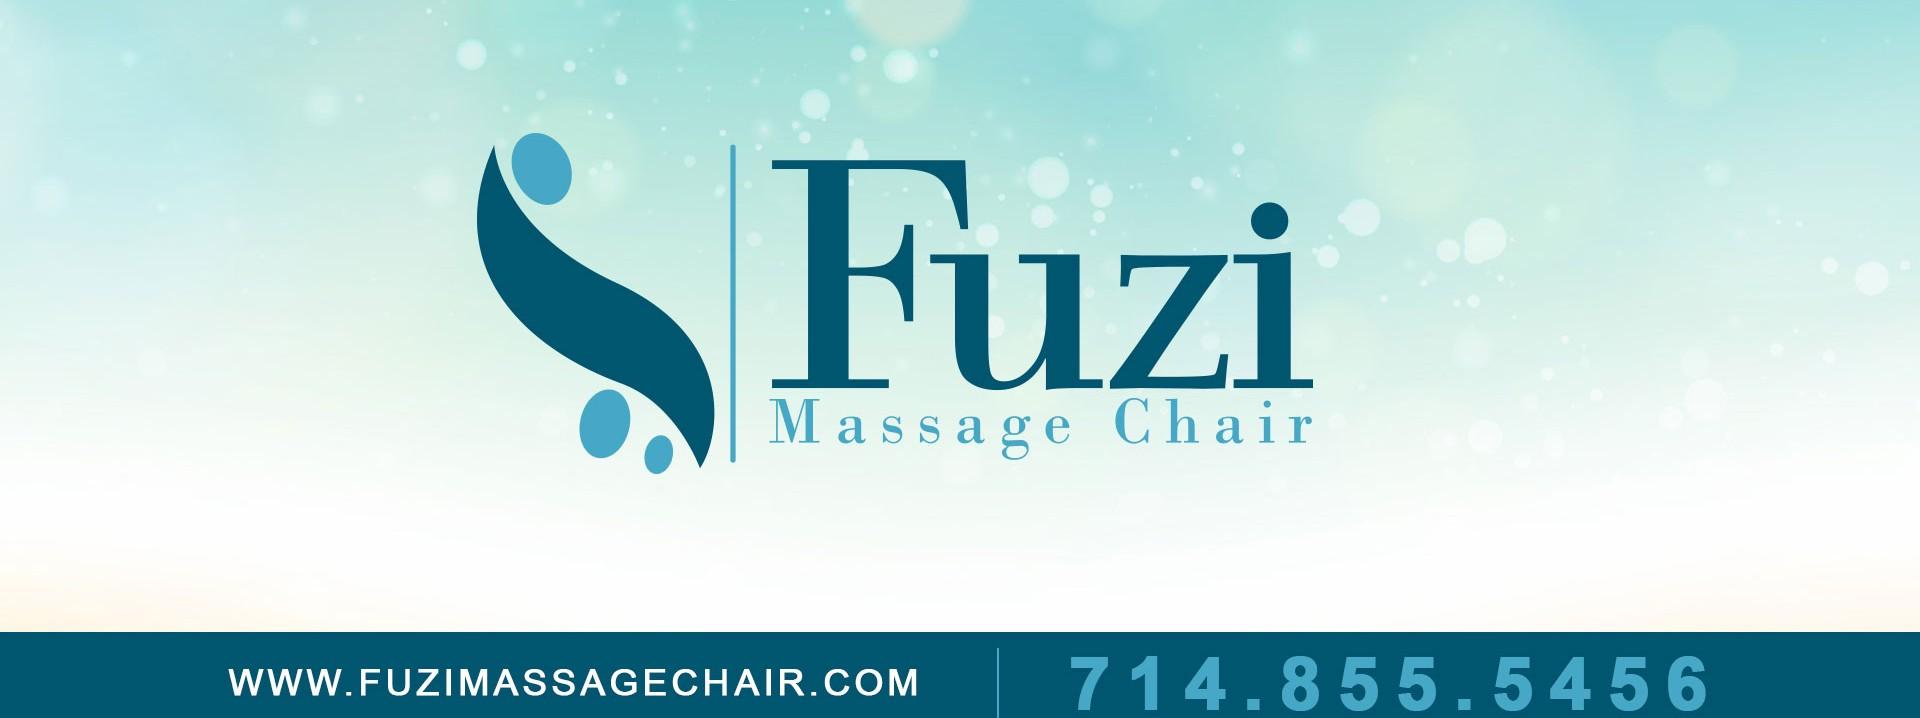 Fuzi-front-1920x1080-HD.jpg